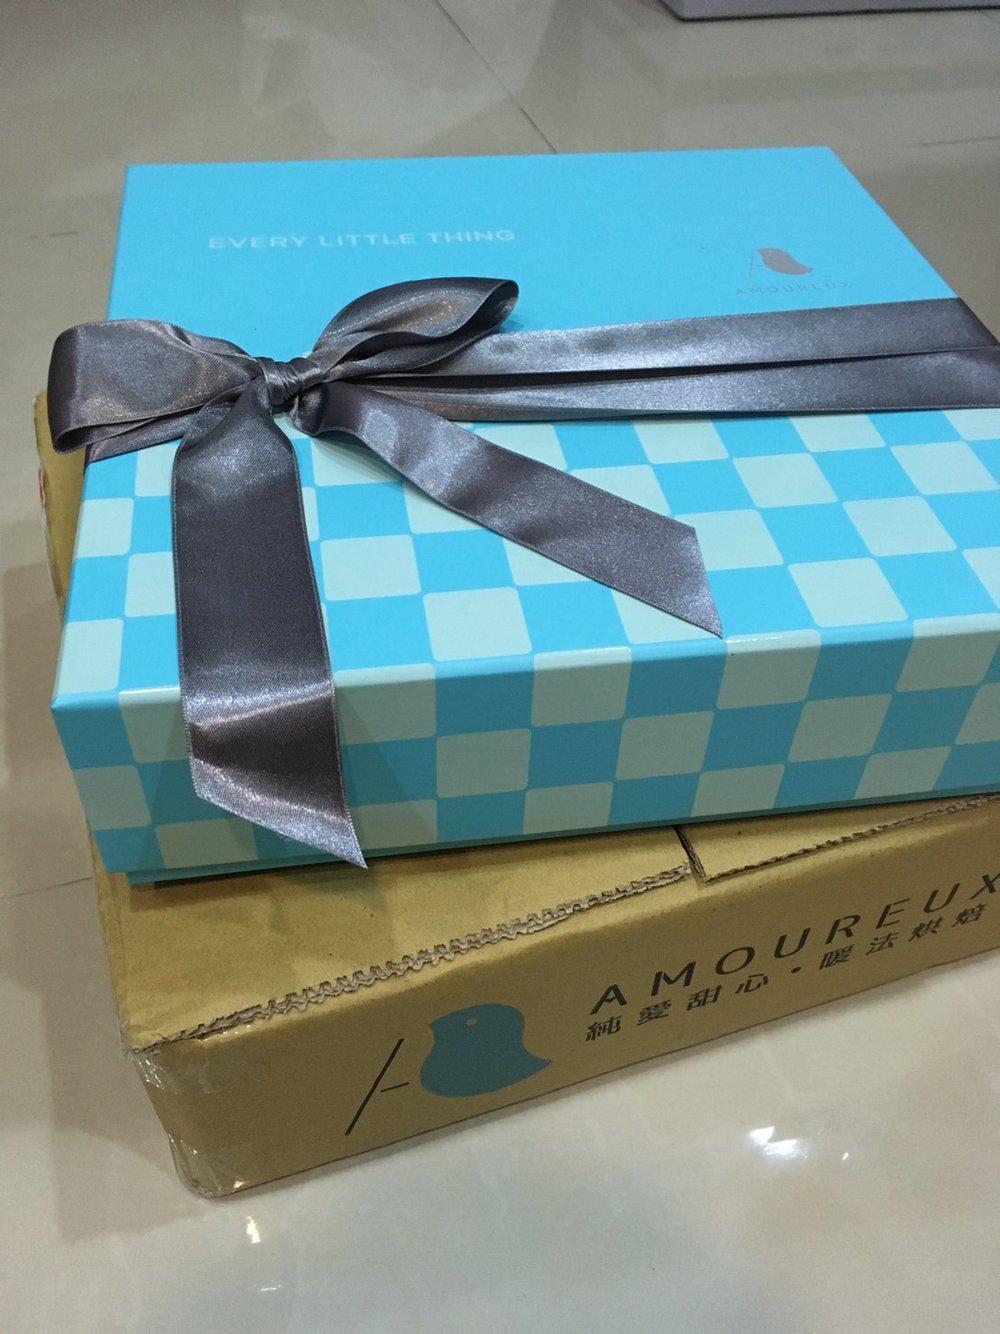 熱騰騰剛寄到家,日向青系列有2種盒型、3種緞帶(米白、銀灰、粉藍)可選,連提袋提繩也能相呼應搭配。